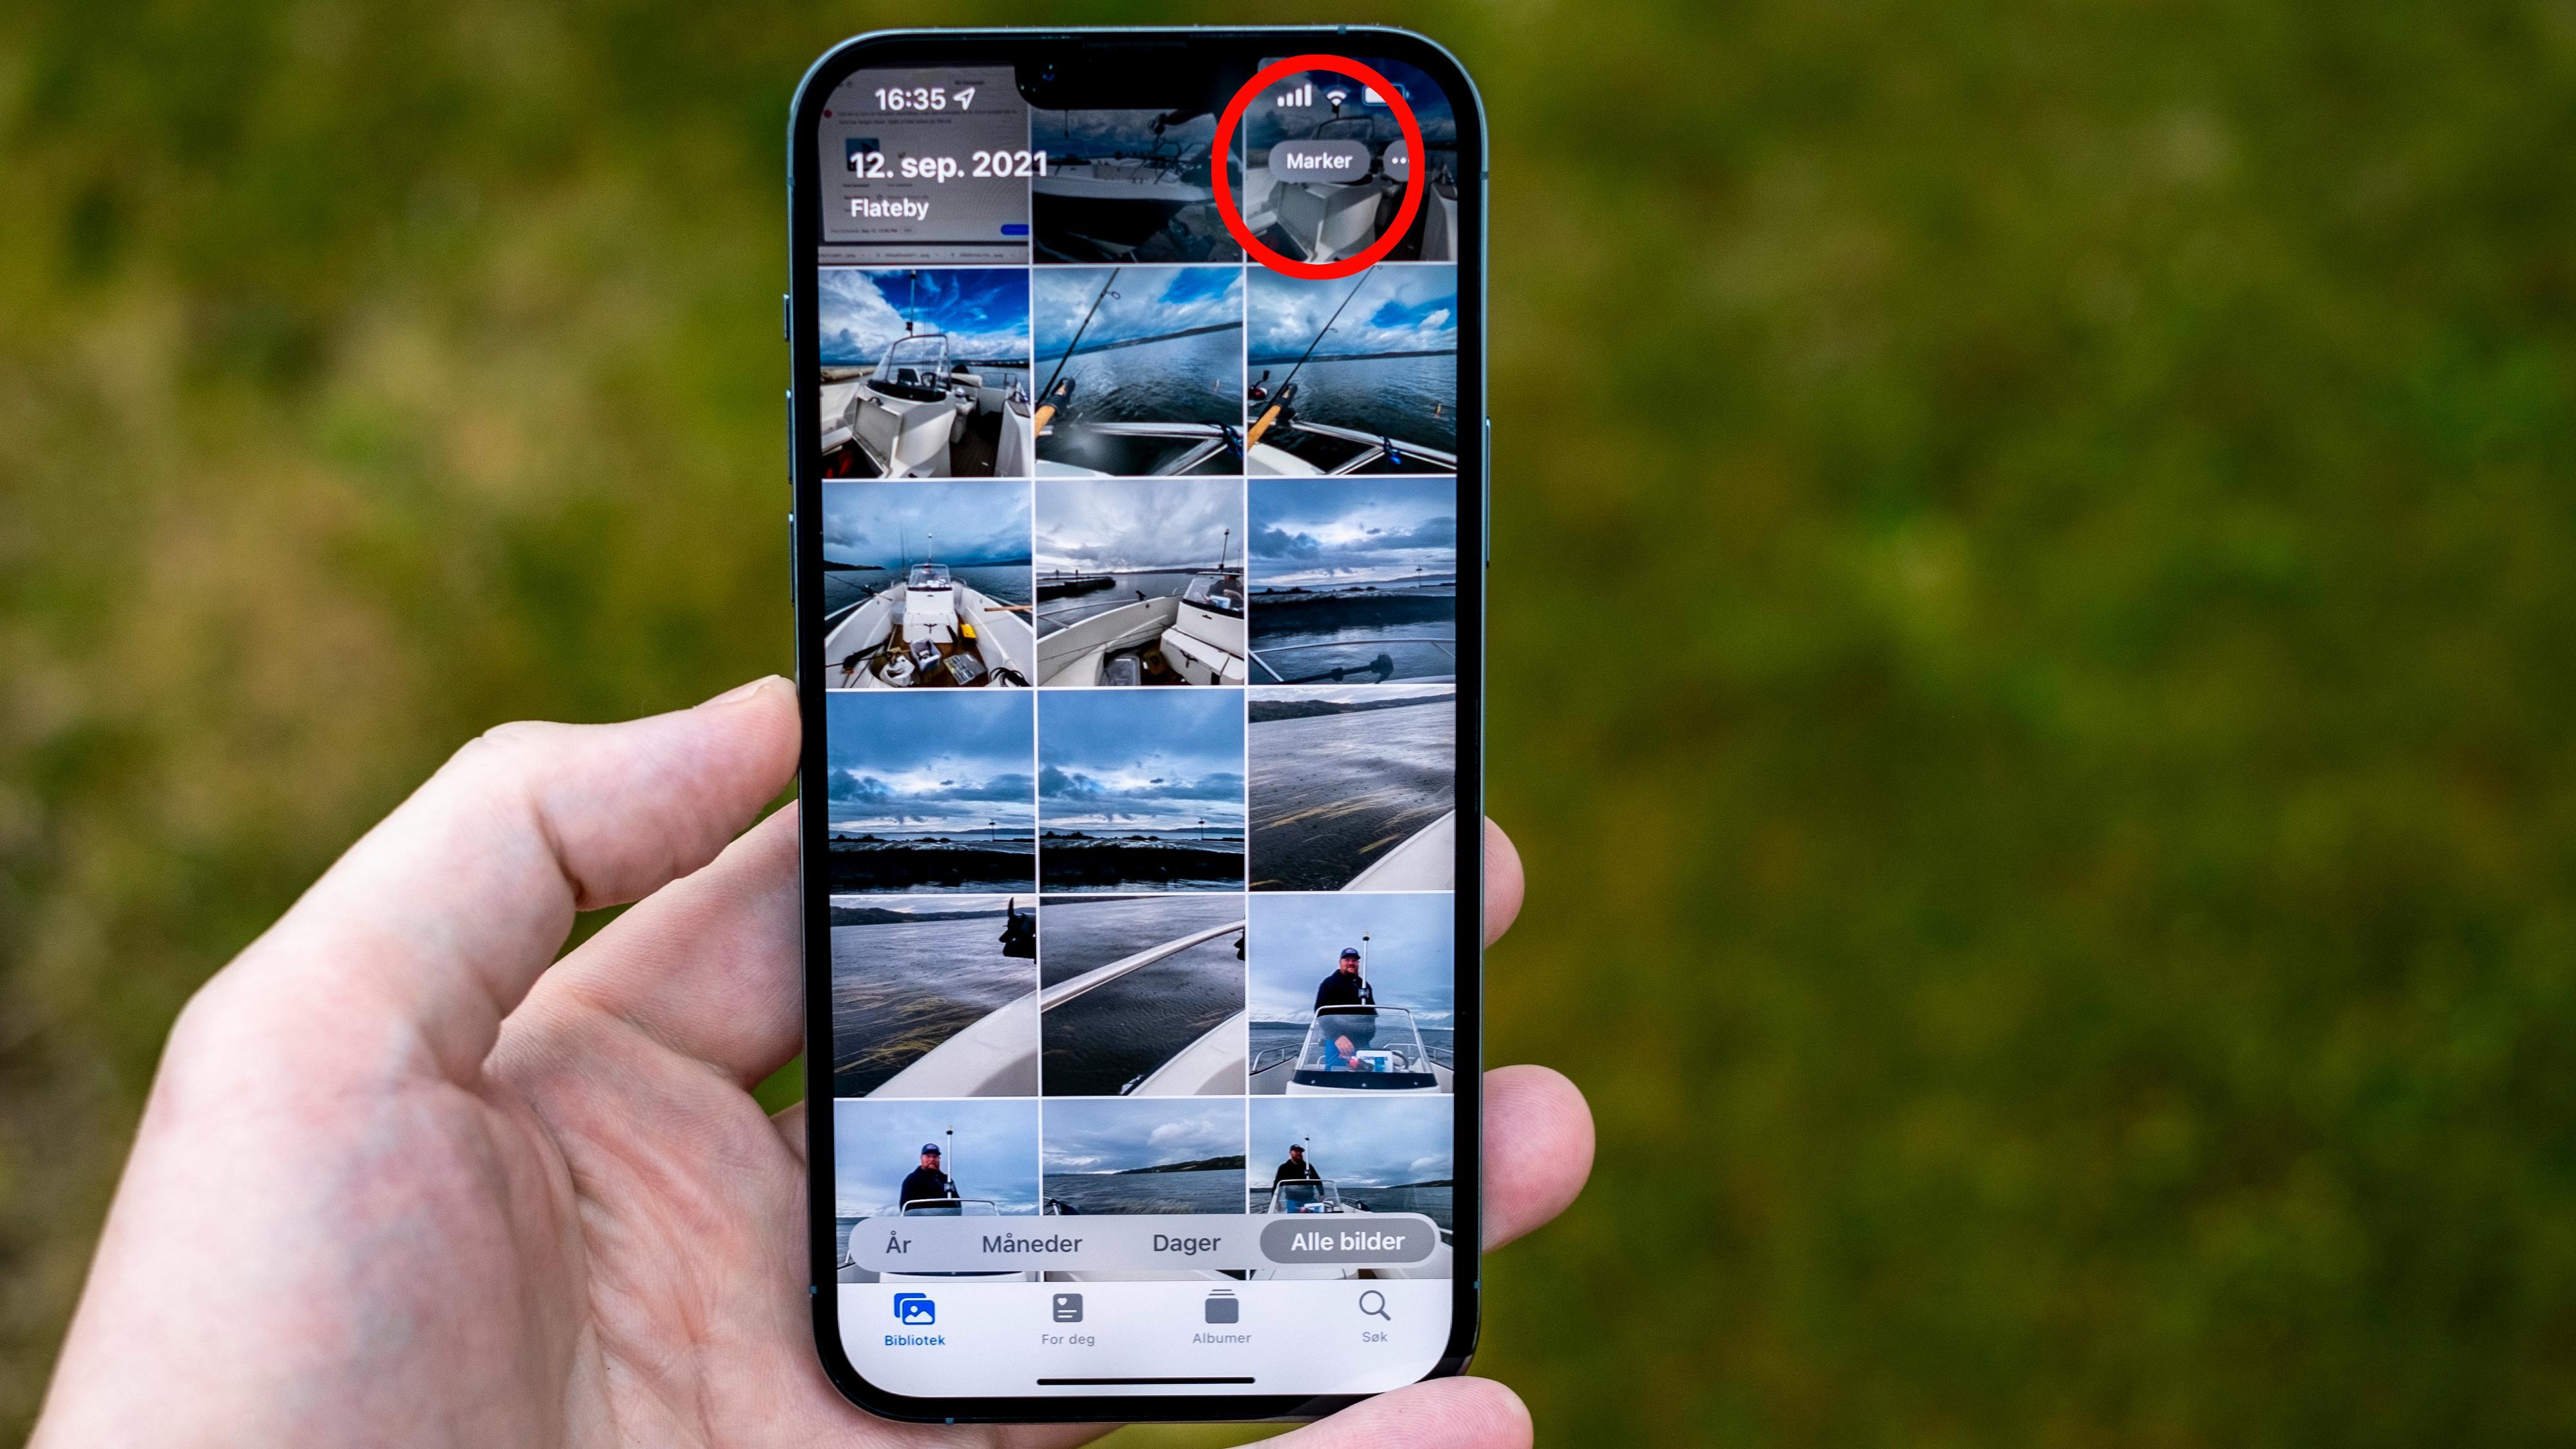 Gå inn i fotogalleriet ditt, og trykk på «Markere» øverst. Da blir det veldig lett å plukke ut en liten haug bilder, akkurat som på PC eller Mac med mus.